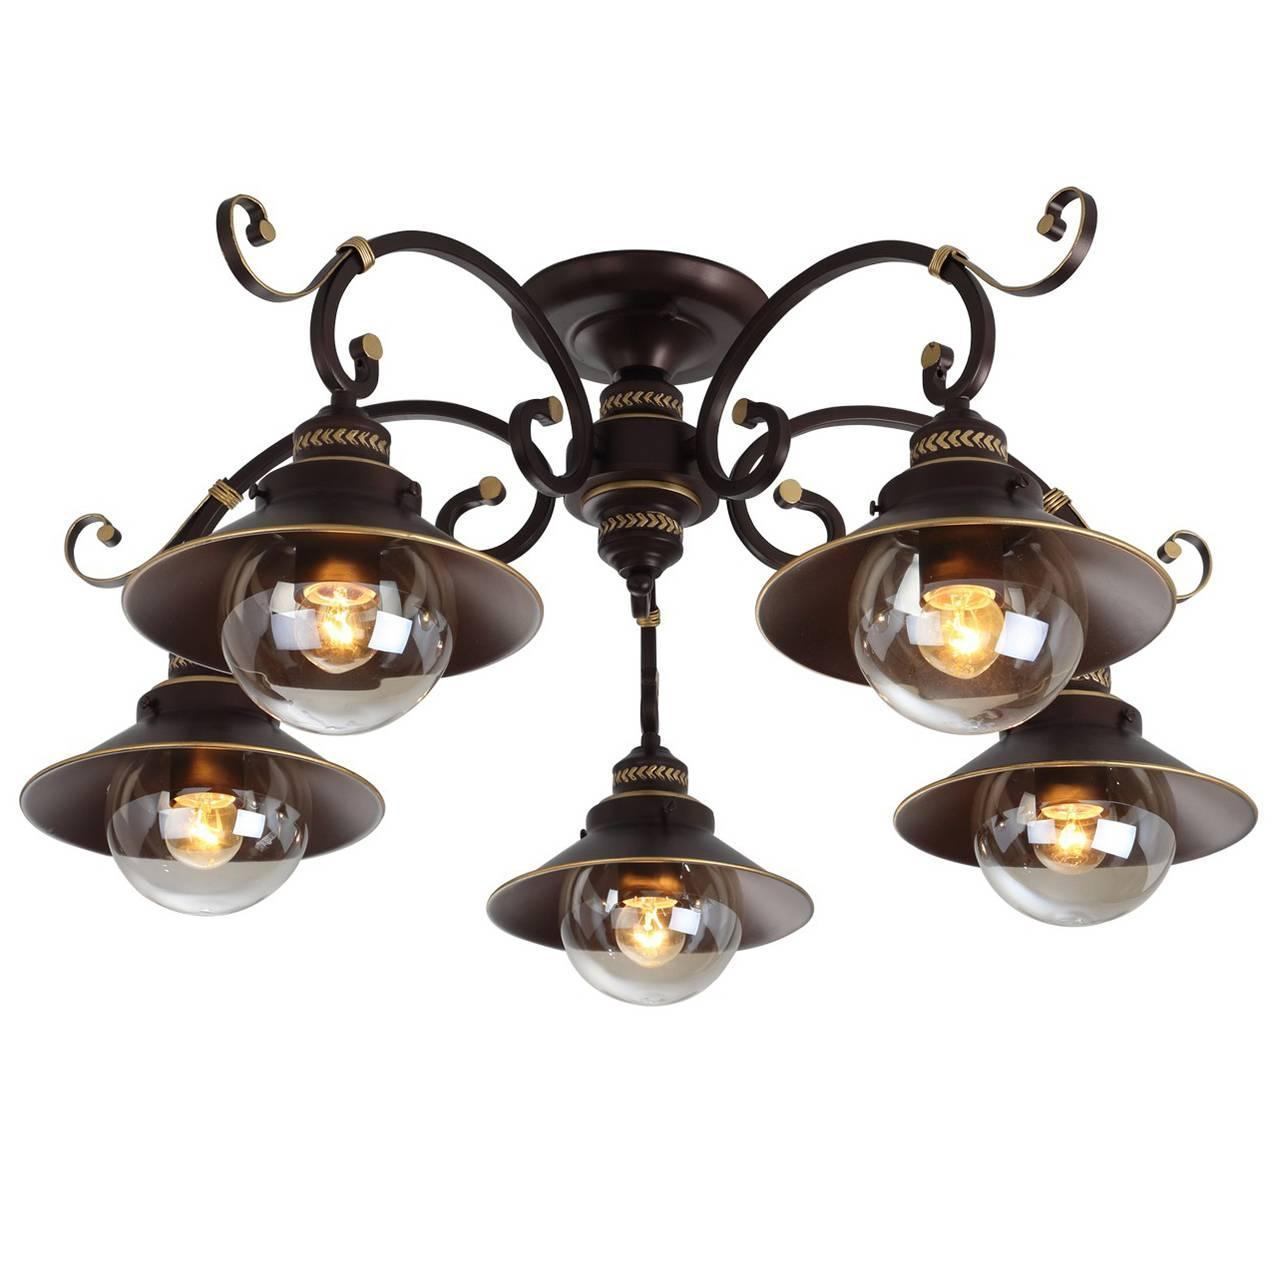 Фото - Потолочная люстра Arte Lamp 7 A4577PL-5CK люстра потолочная arte lamp gelo a6001pl 9bk